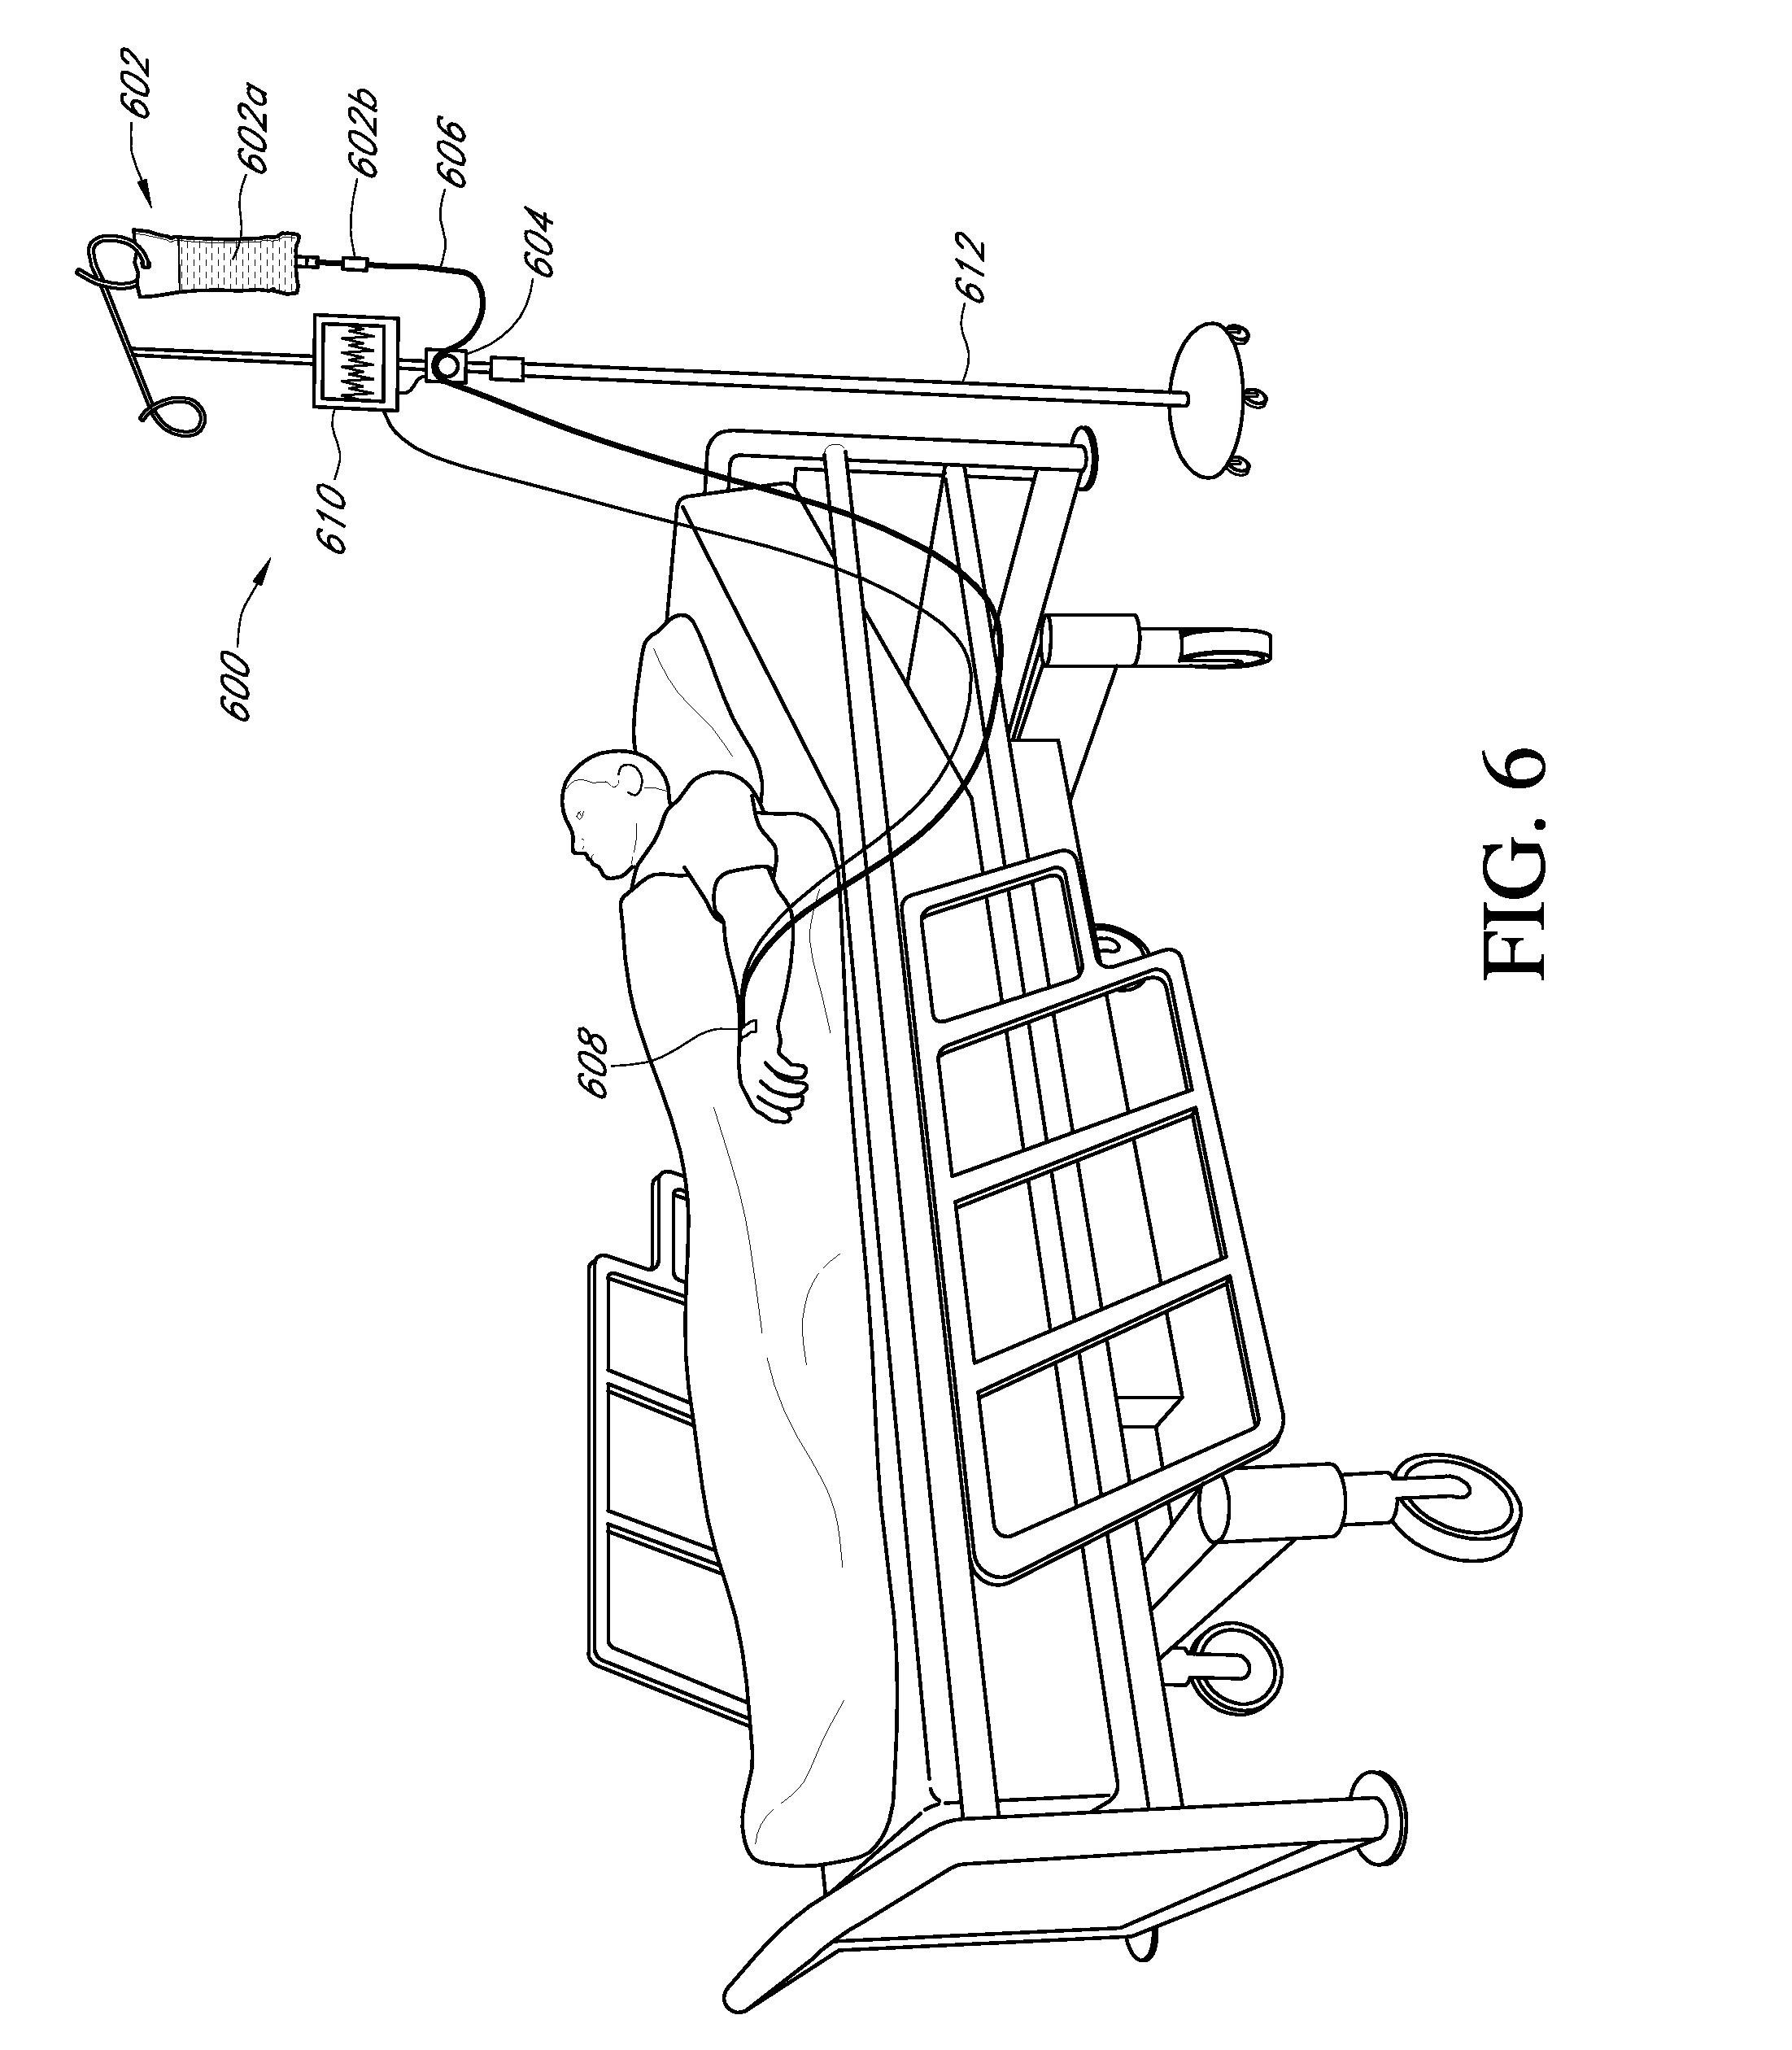 brevet us7615007 - analyte sensor